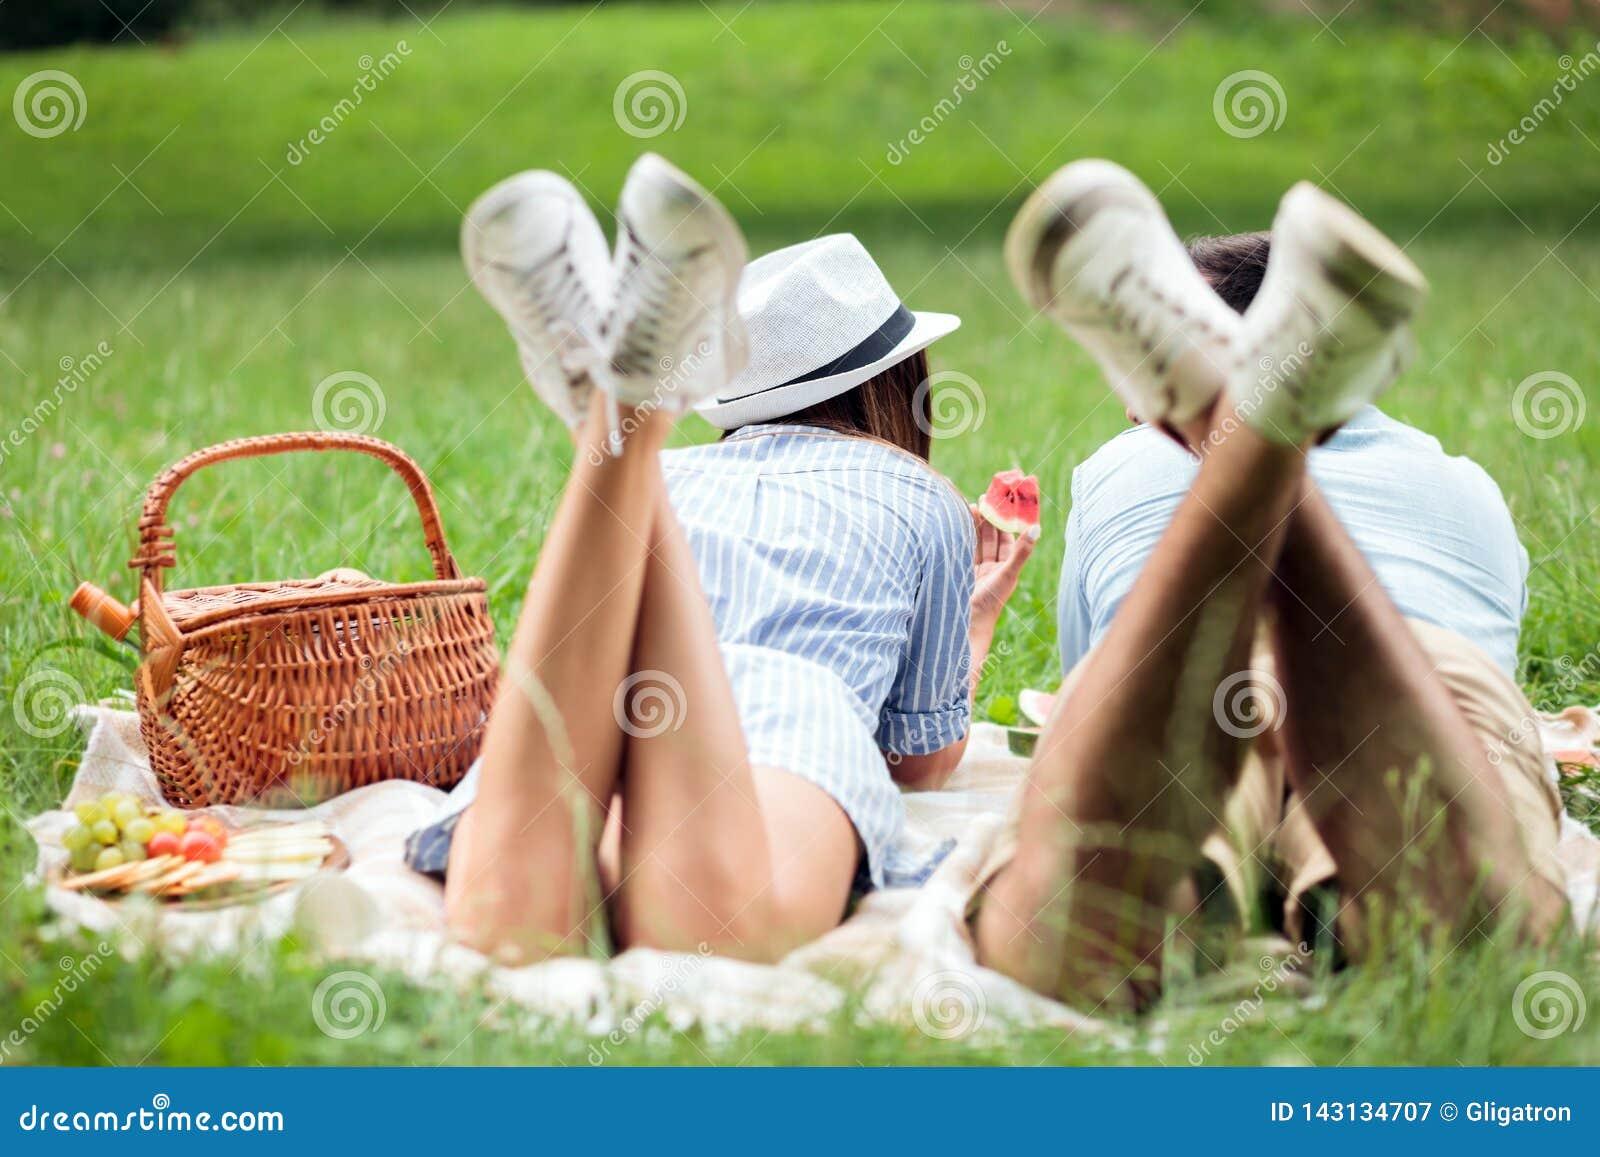 Gelukkig jong paar die naast elkaar liggen en watermeloenen, picknick in een park eten Mening van erachter